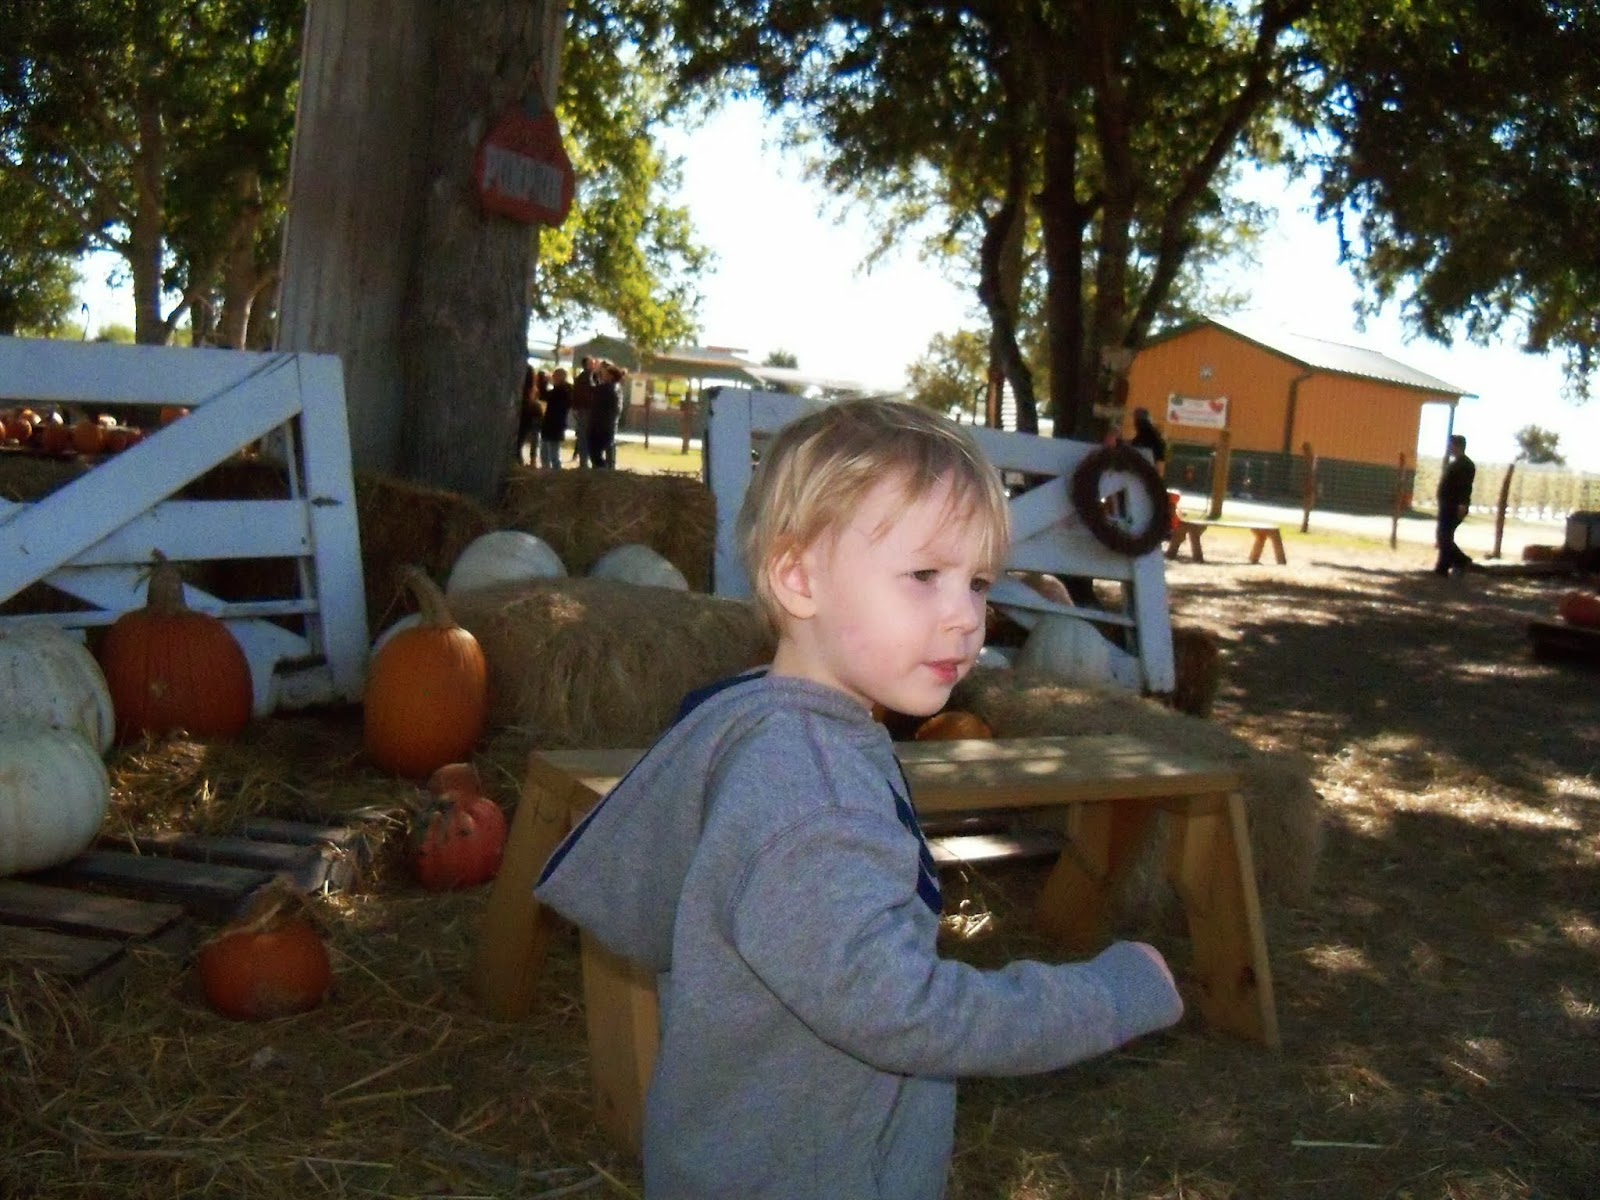 Blessington Farms - 116_4969-001.JPG